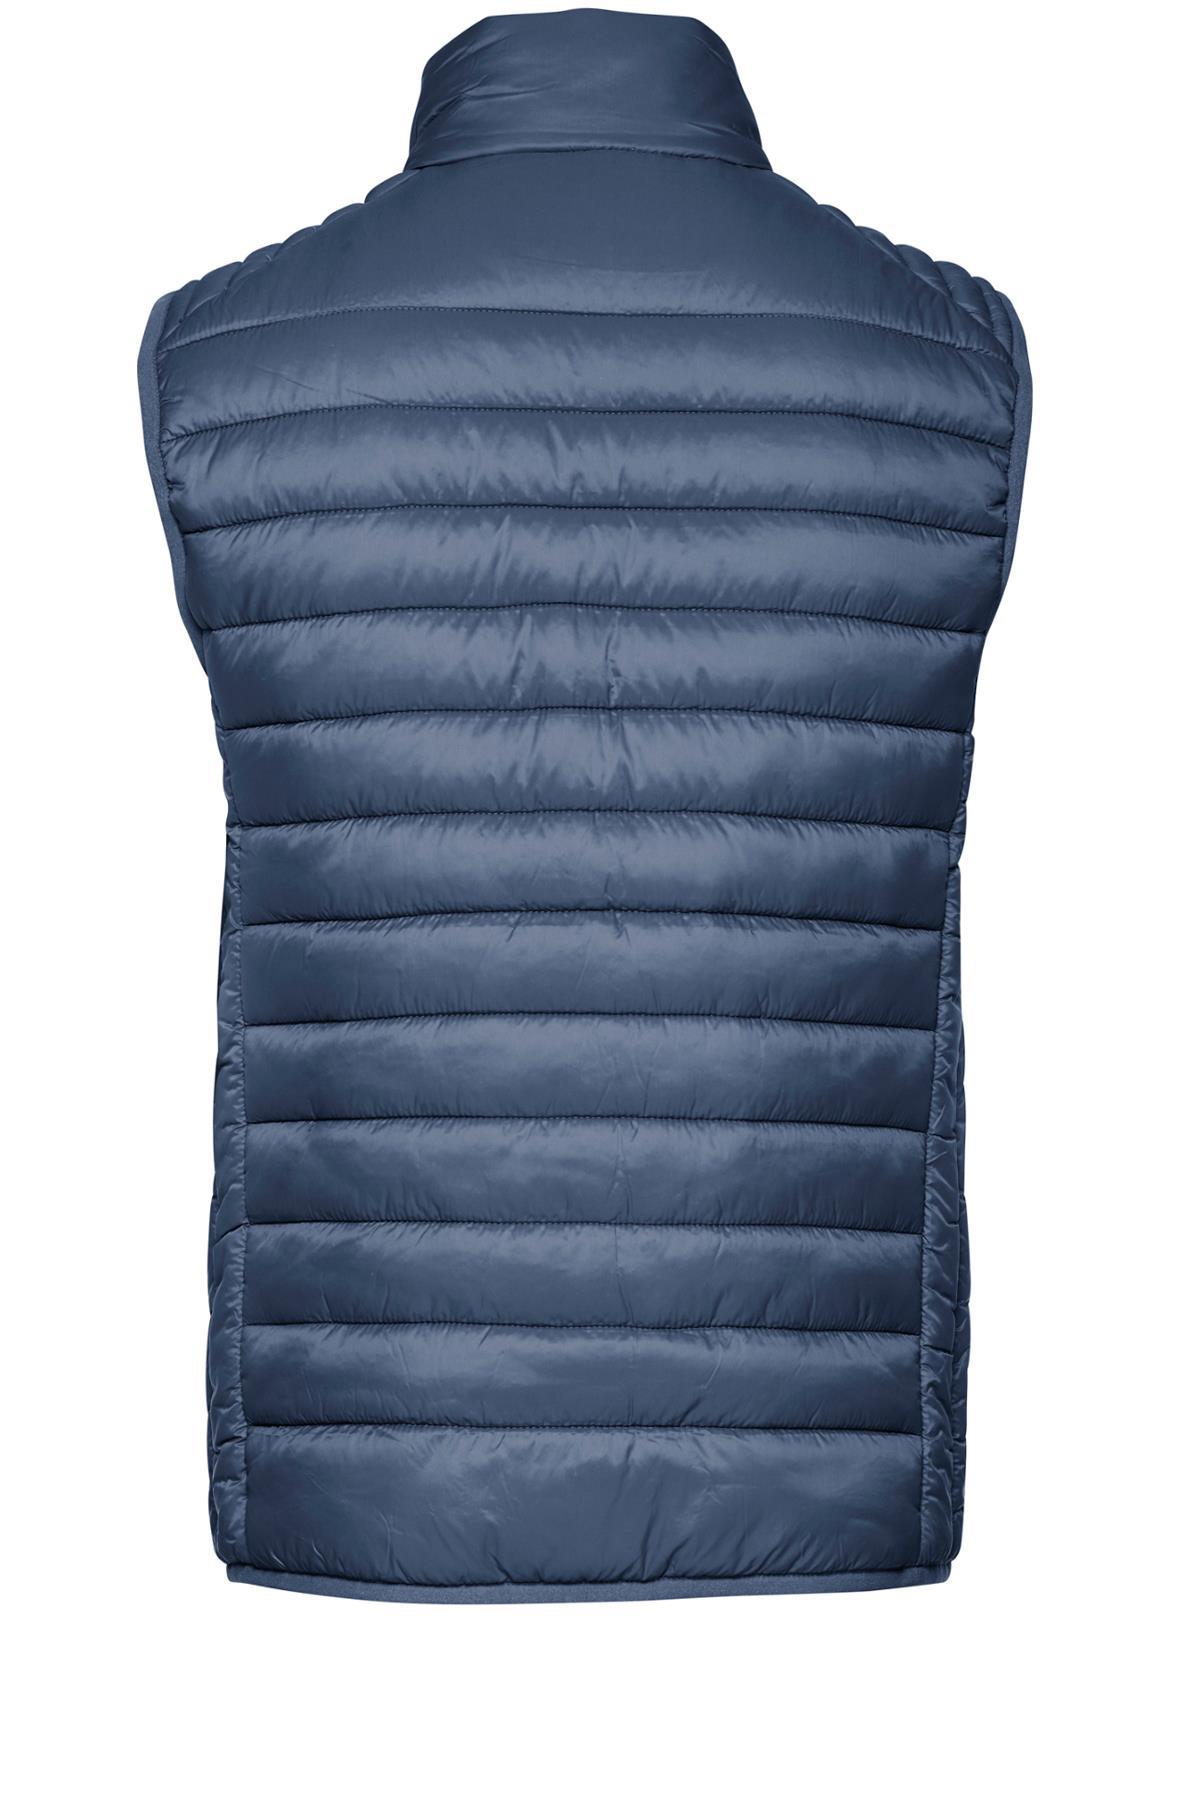 Ensign blue Outerwear fra Blend He – Køb Ensign blue Outerwear fra str. M-XXL her